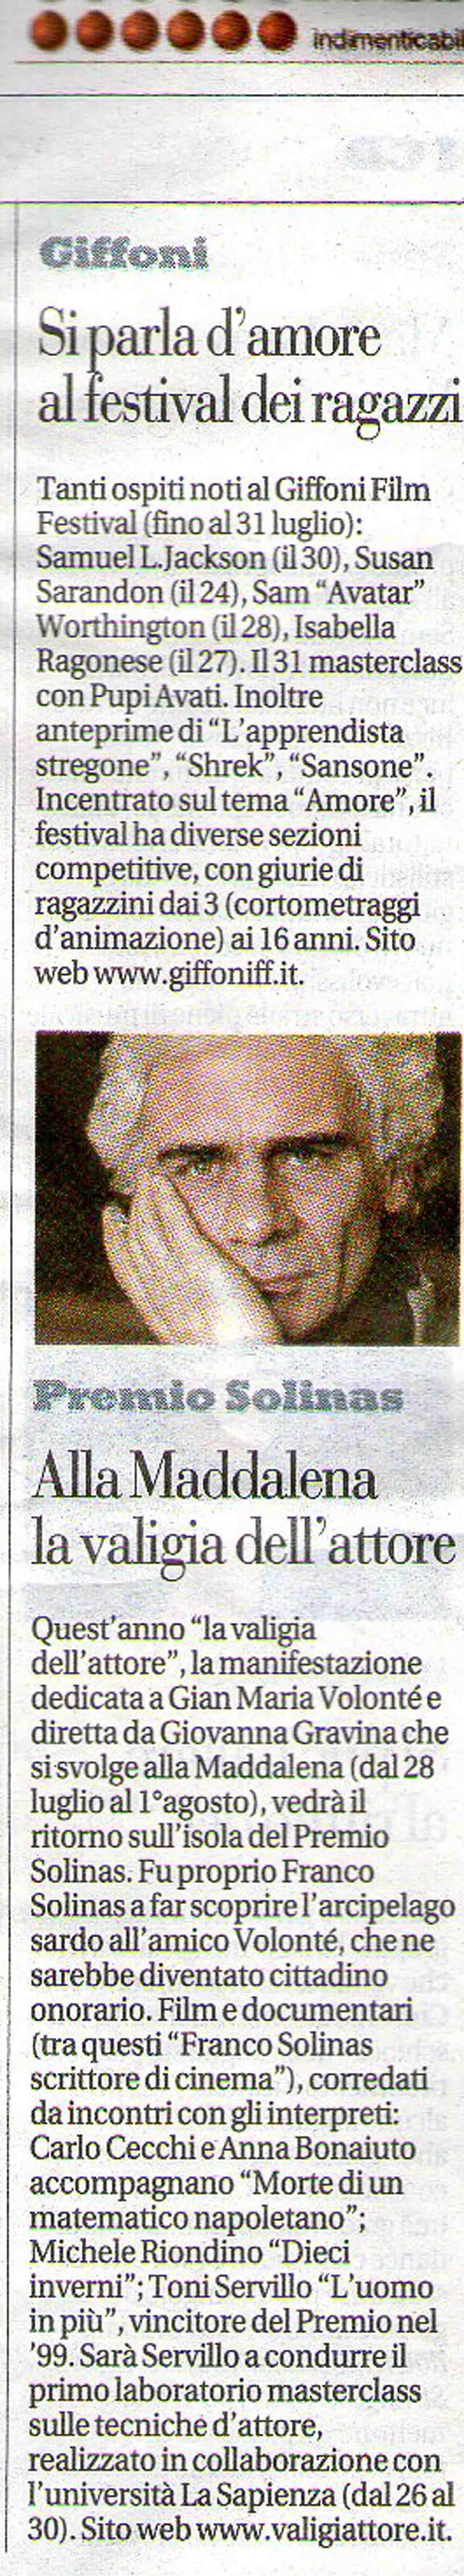 24-07-2010 La Repubblica